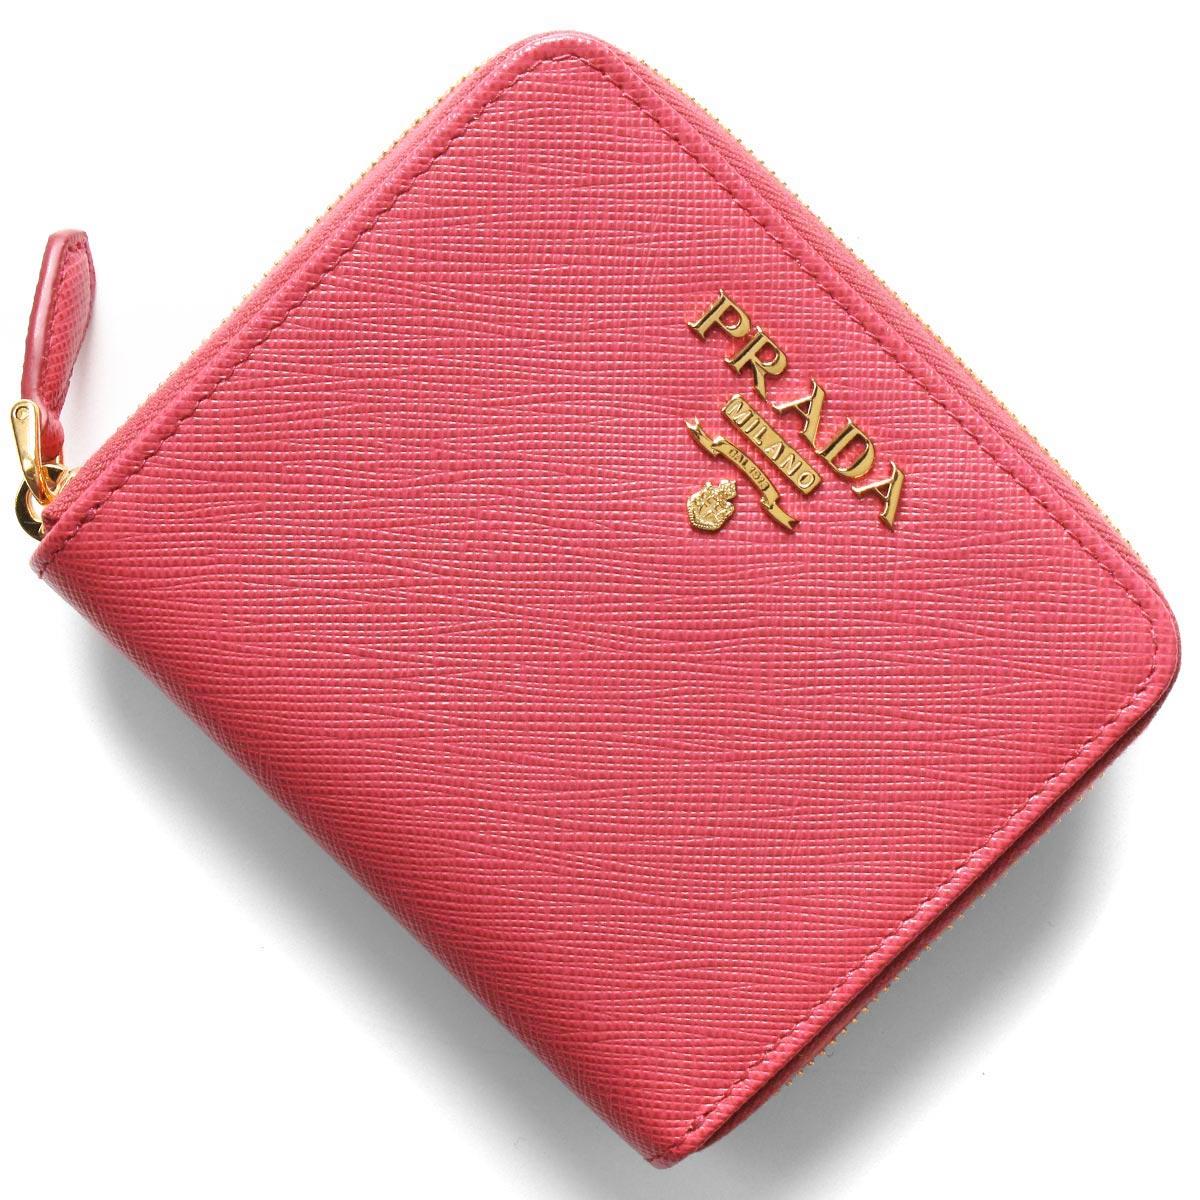 プラダ 二つ折り財布 財布 レディース サフィアーノ メタル ペオニアピンク 1ML036 QWA F0505 PRADA